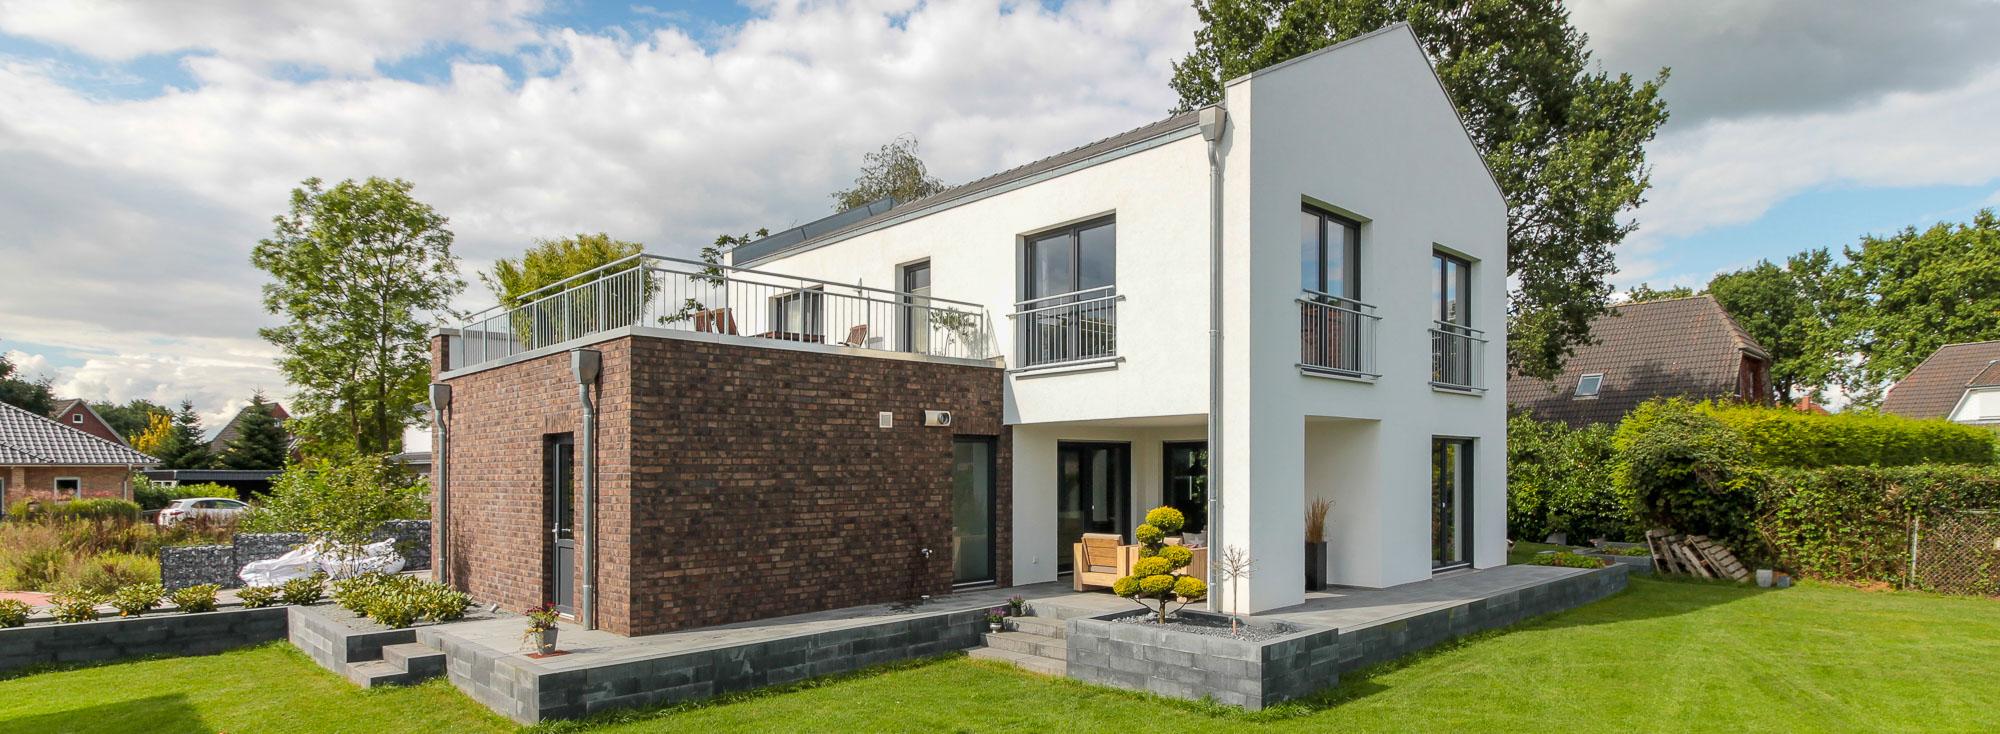 Bauhaus Modern Classic Unsere Hauser Im Bauhausstil Bauen Im Bauhausstil Mit Eco System Haus